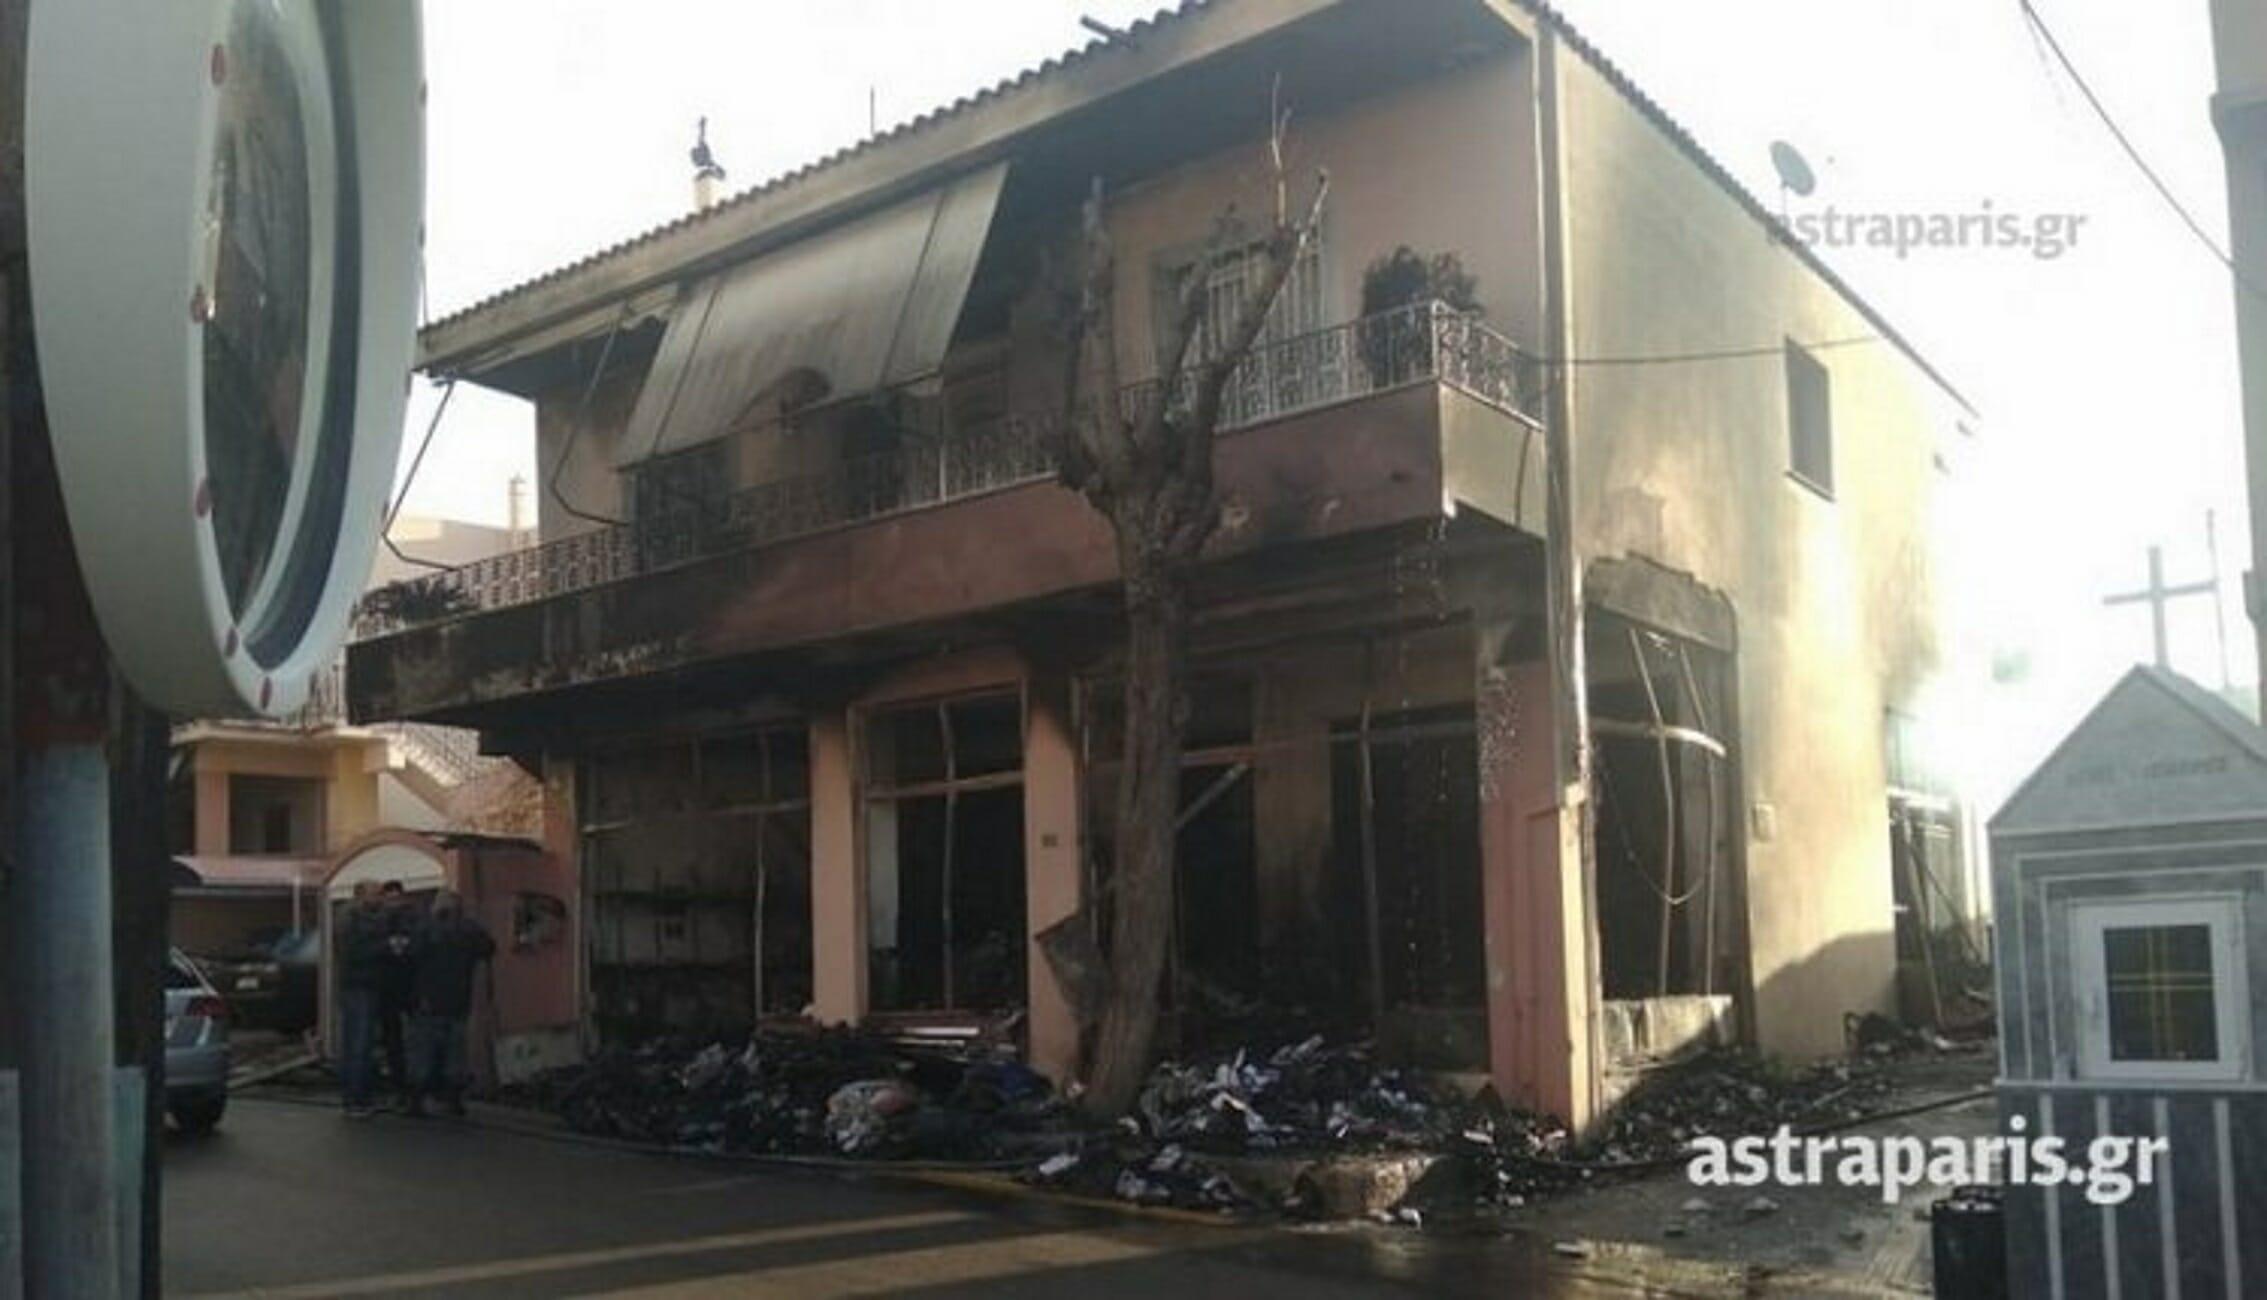 Χίος: Μεγάλη φωτιά σε αποθήκη ΜΚΟ! Απειλήθηκε το σπίτι που βρίσκεται από πάνω (Φωτό)